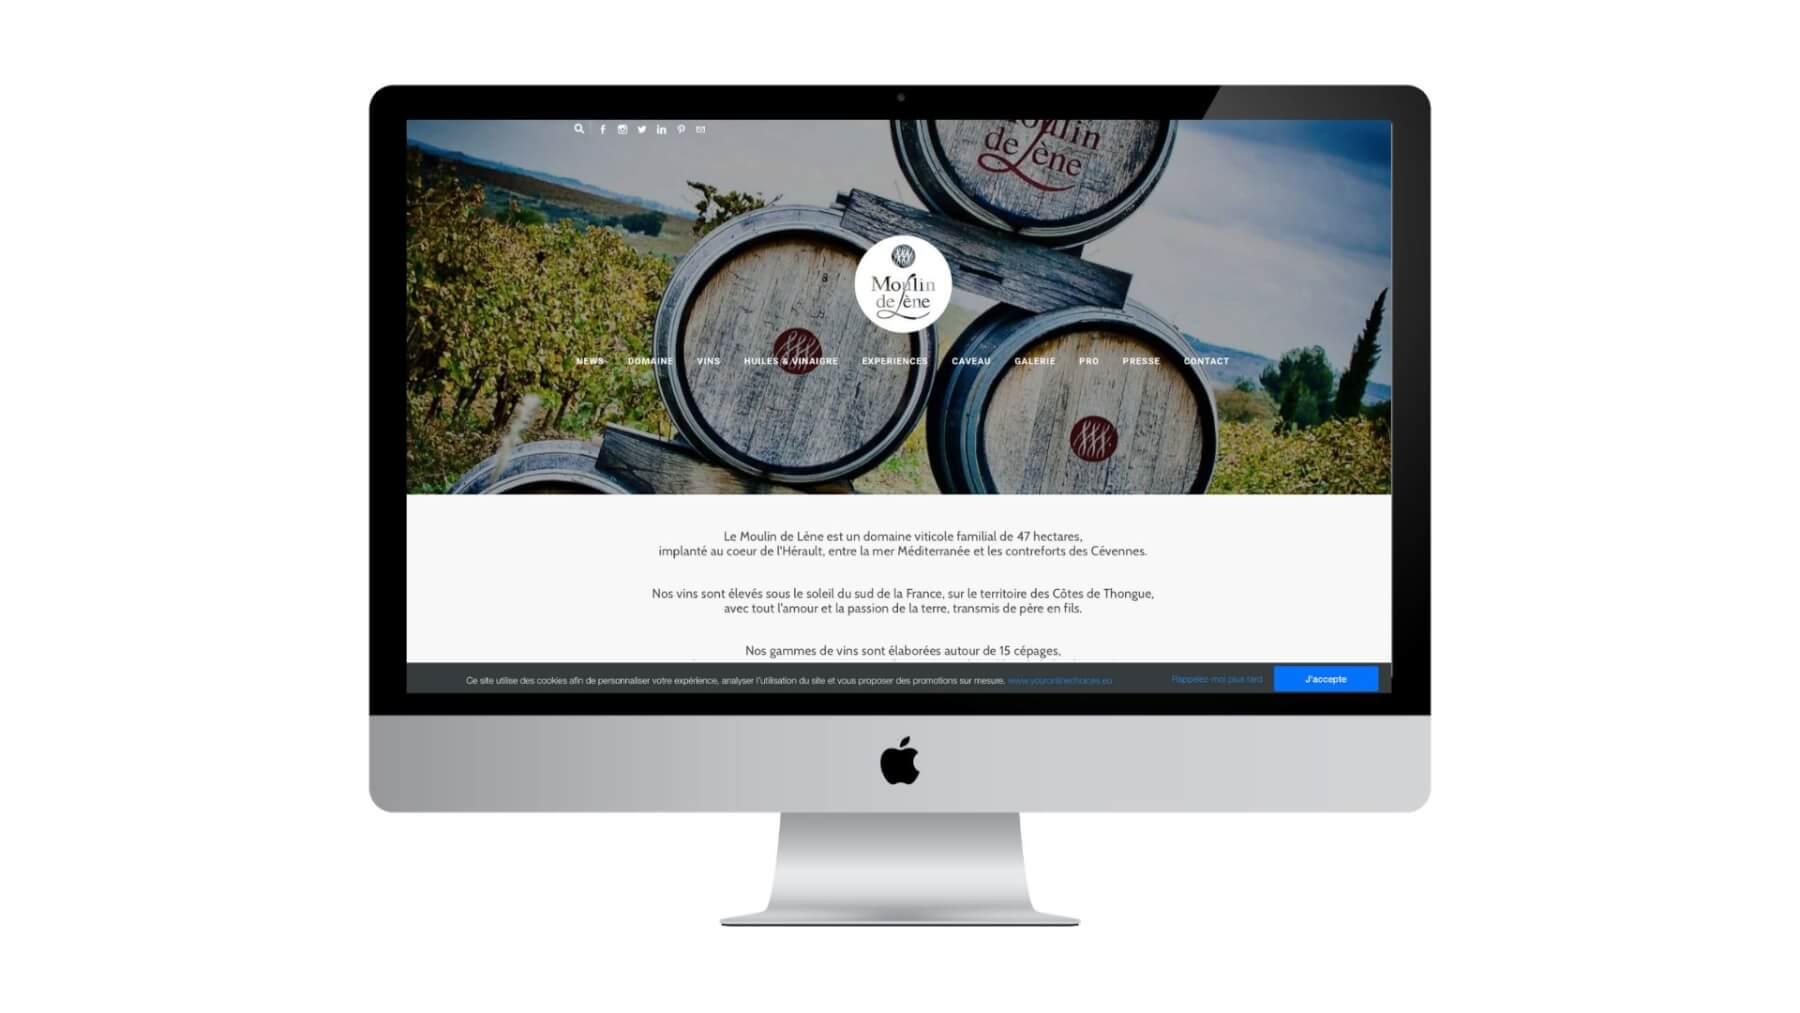 moulin_de_lene_site_internet